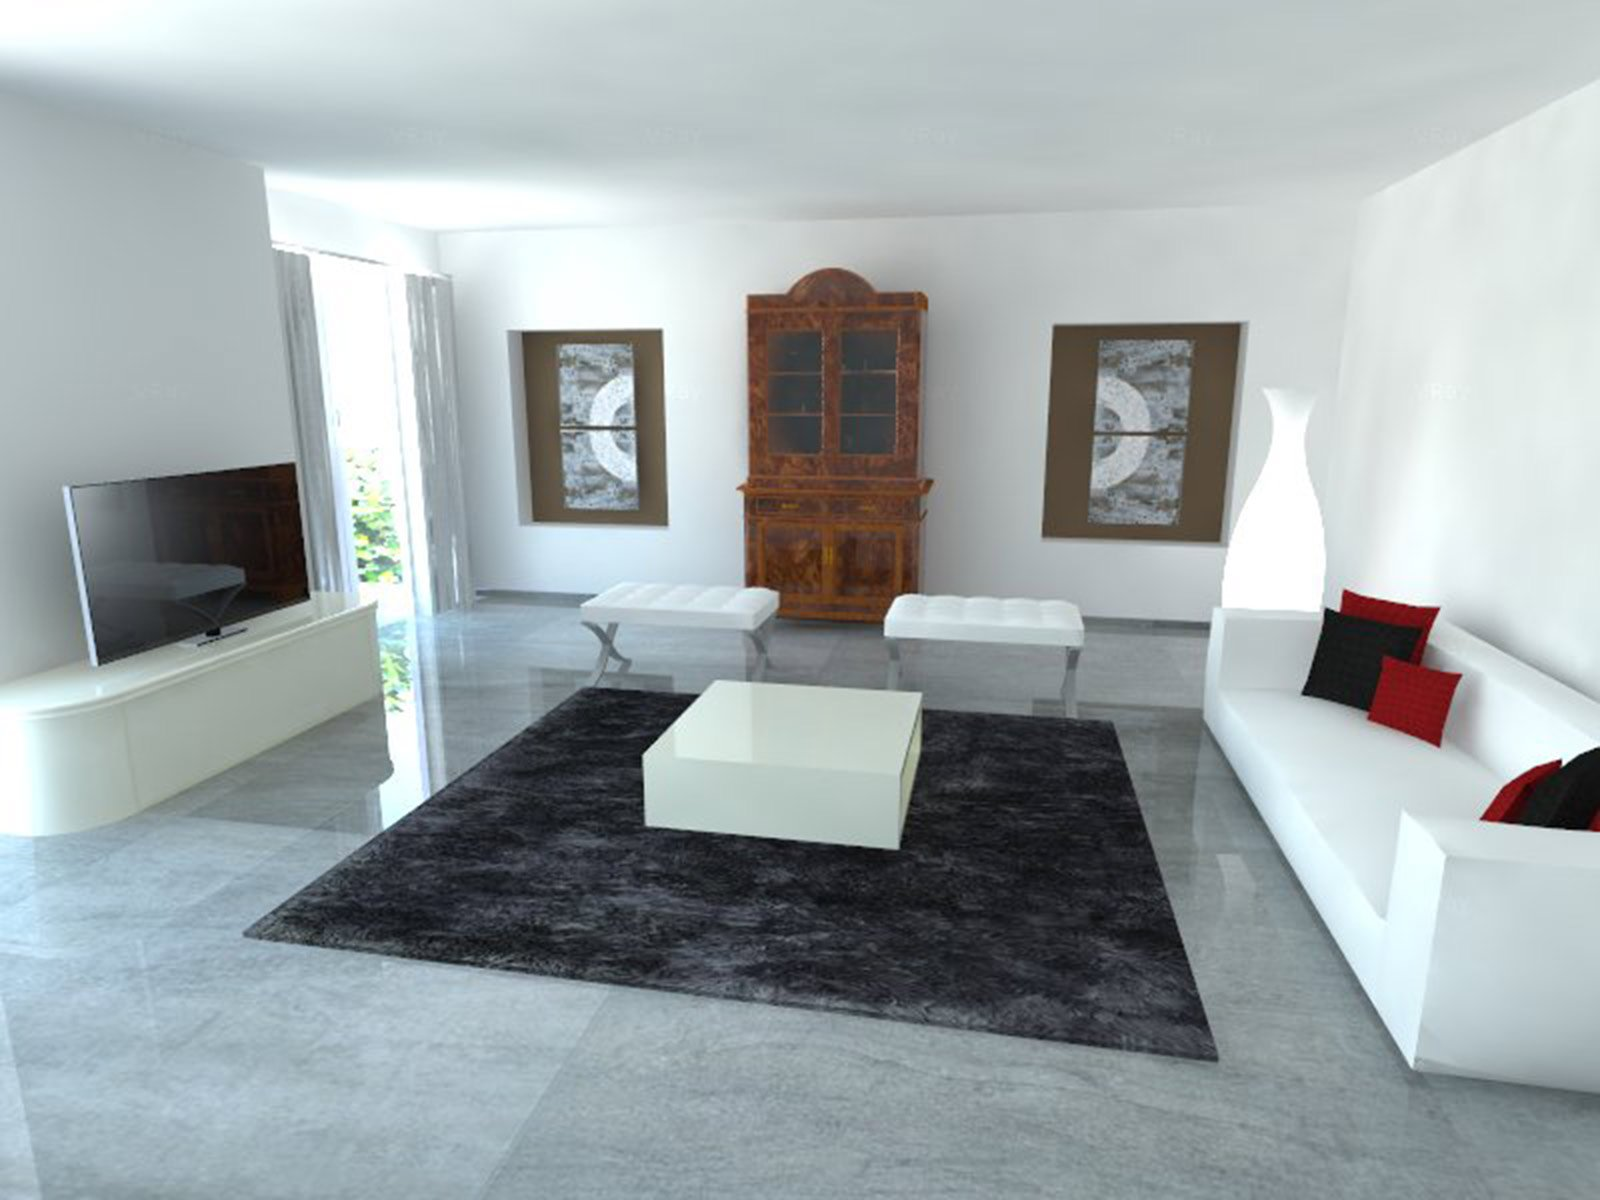 Casabook immobiliare mobile antico o in stile come for Mobili stile moderno contemporaneo